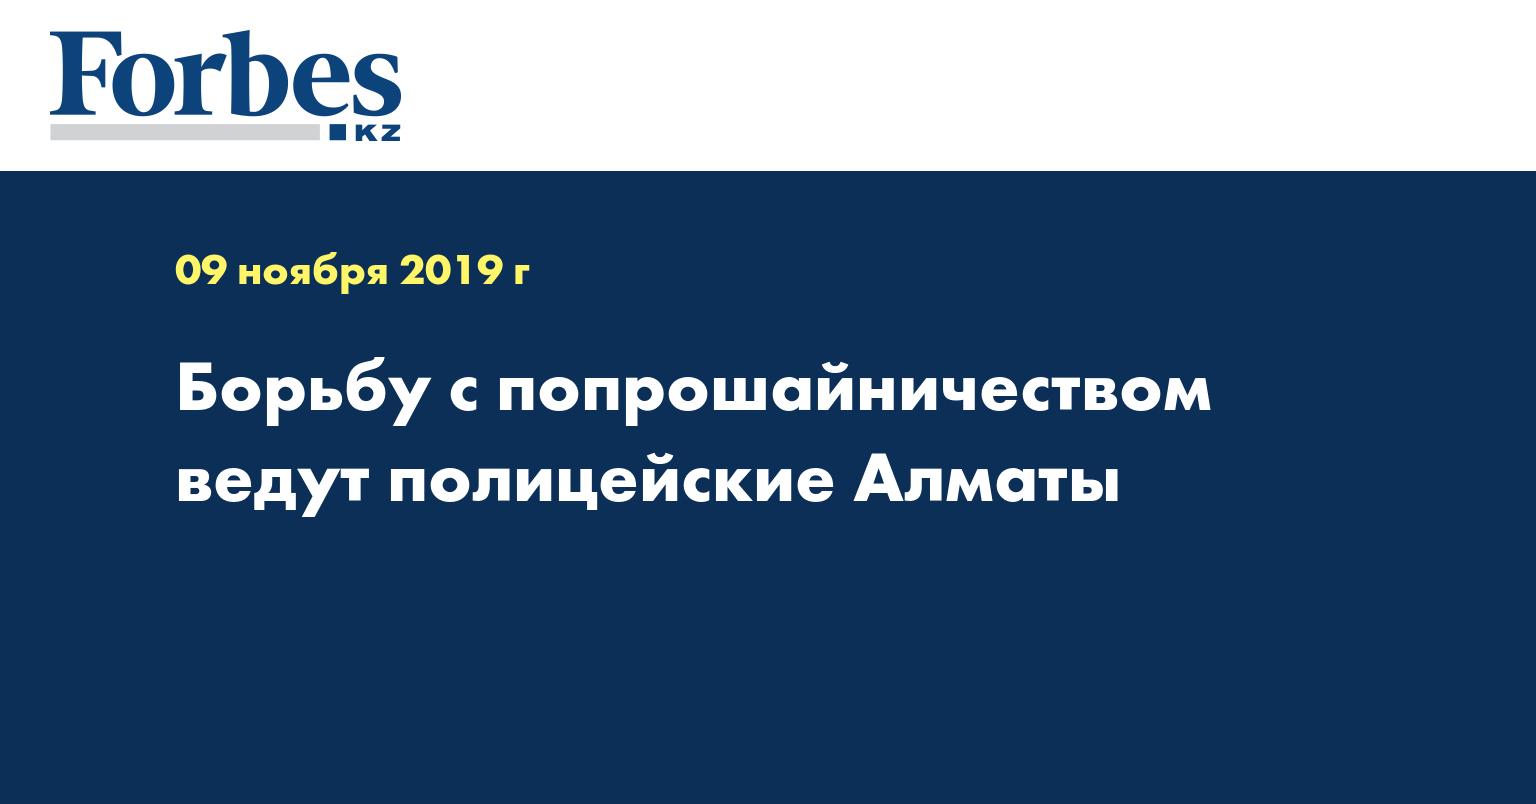 Борьбу с попрошайничеством ведут полицейские Алматы